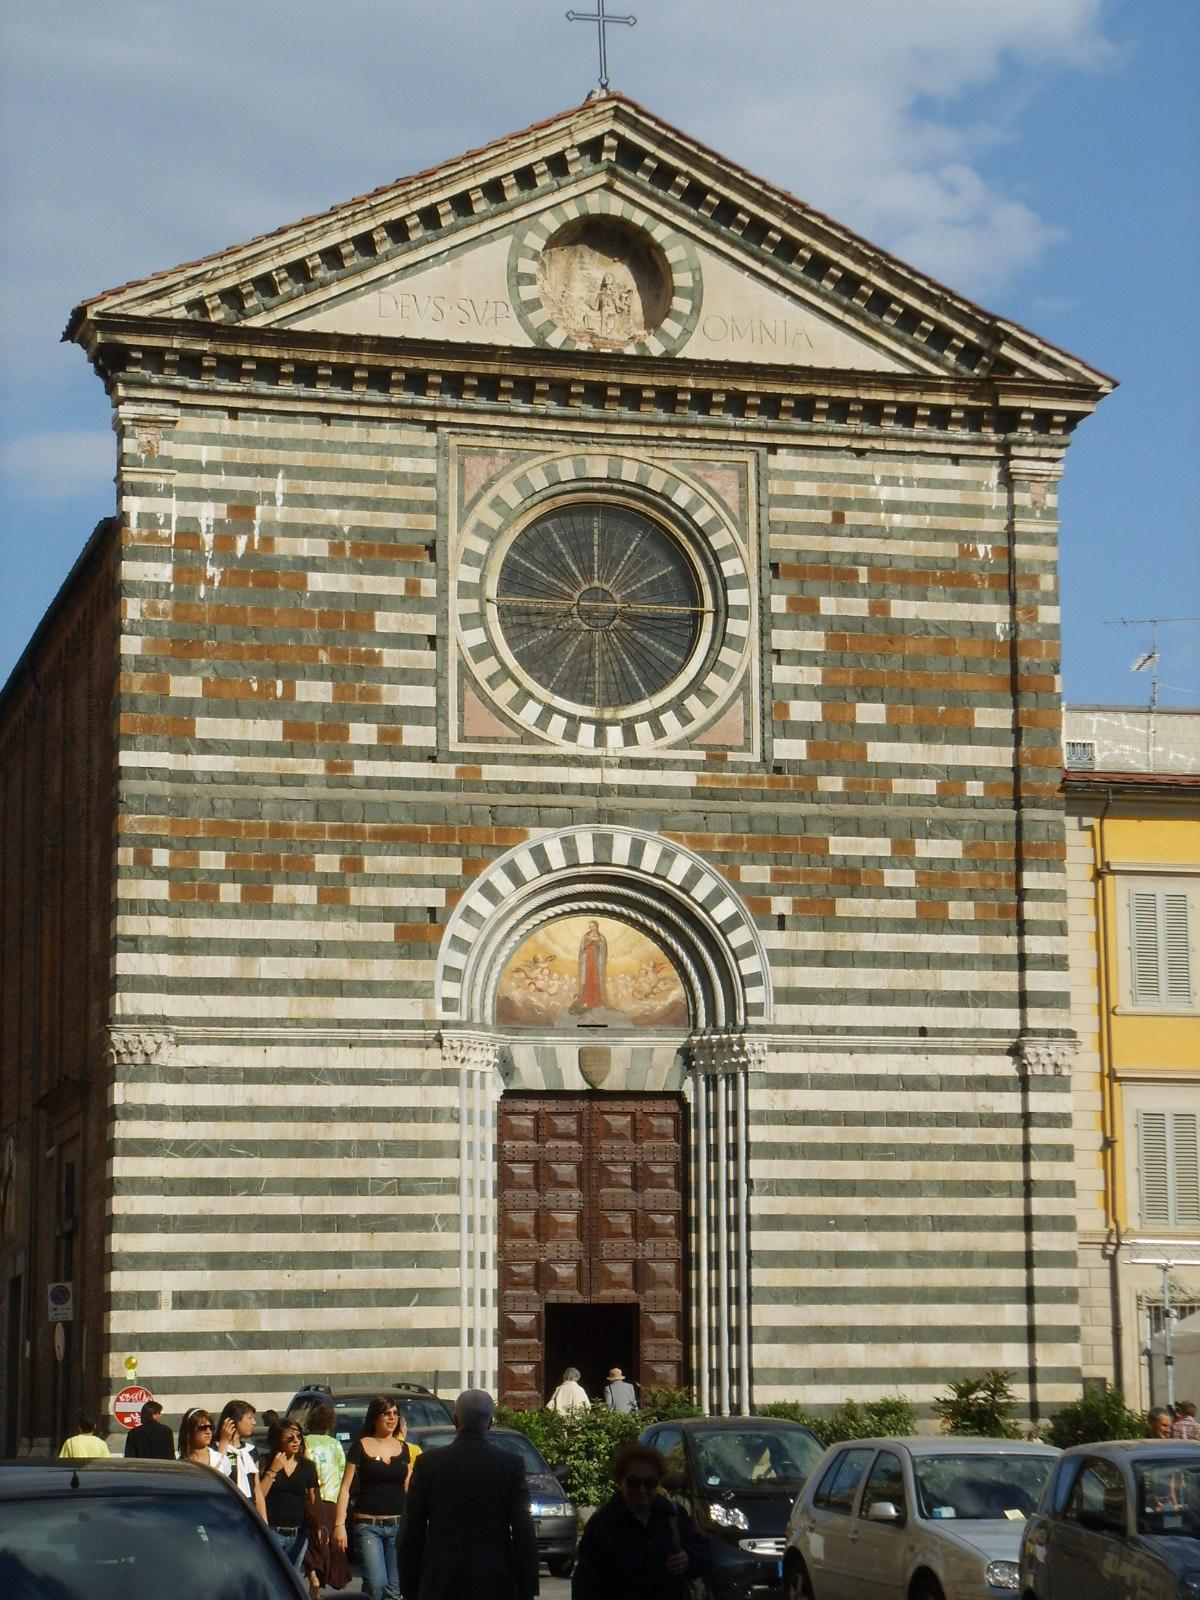 Chiesa di san francesco prato wikipedia for Piazza san francesco prato